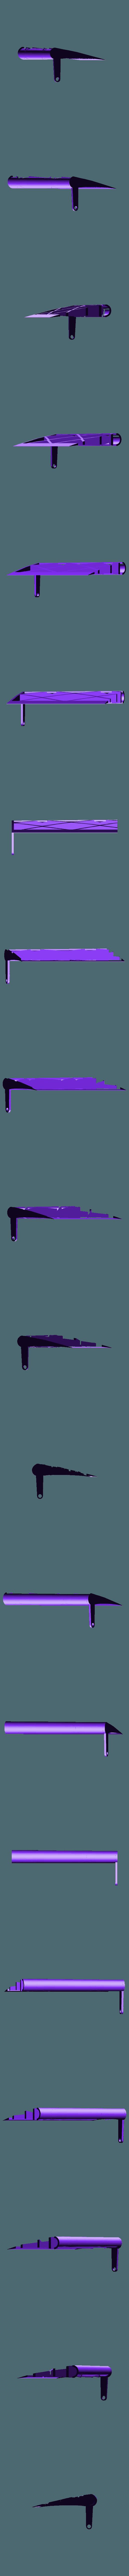 Flap_2L_Scaled.stl Télécharger fichier STL gratuit Module HF3D : Plan imprimé 3D • Modèle pour imprimante 3D, FurEter